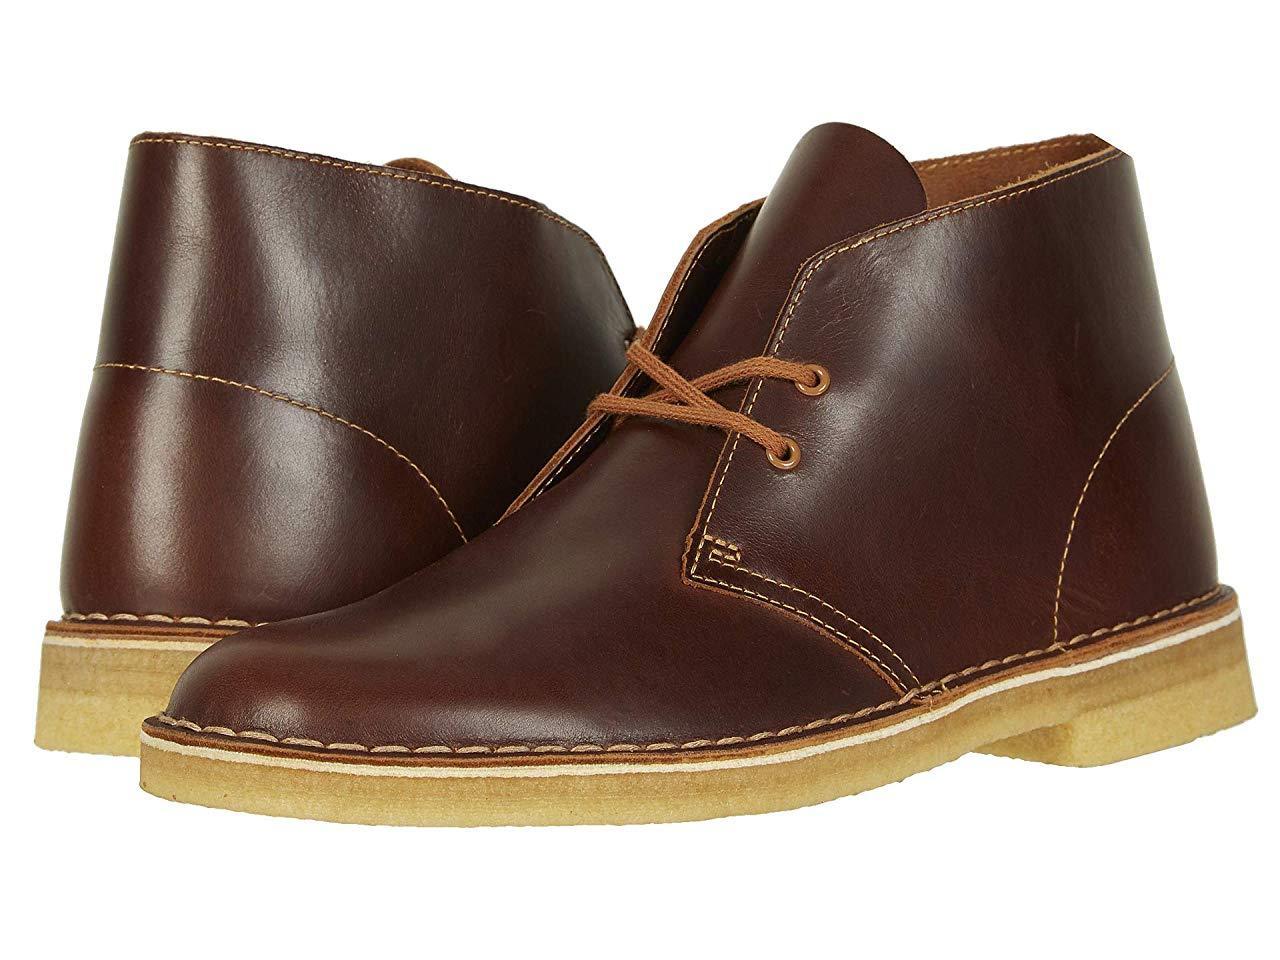 Ботинки/Сапоги Clarks Desert Boot Tan Leather